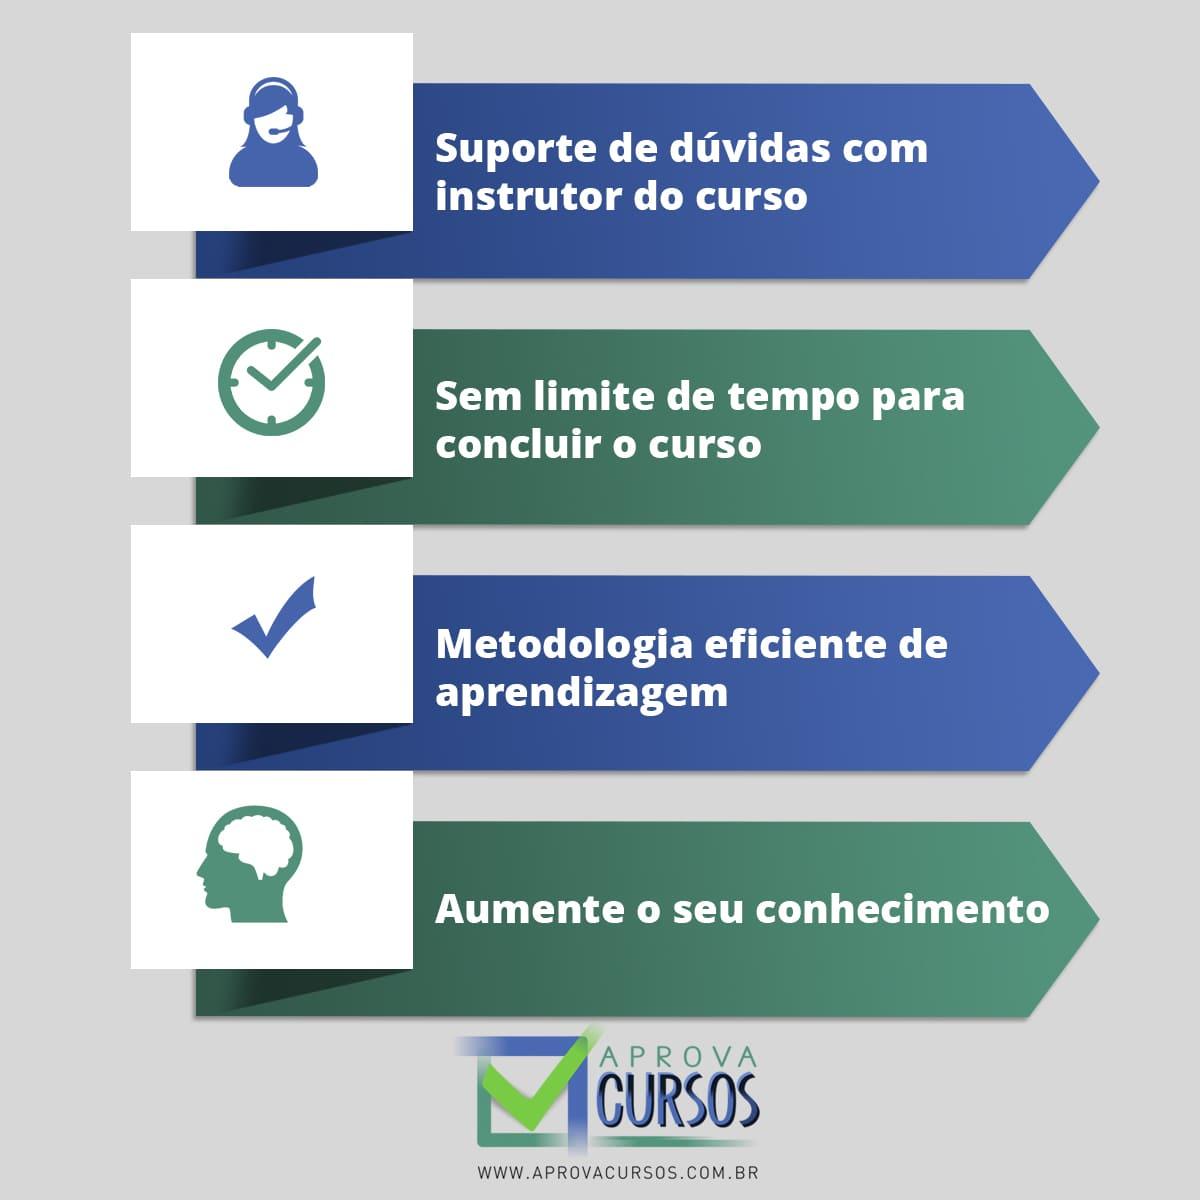 Curso Online de Massagem Terapêutica com Certificado  - Aprova Cursos